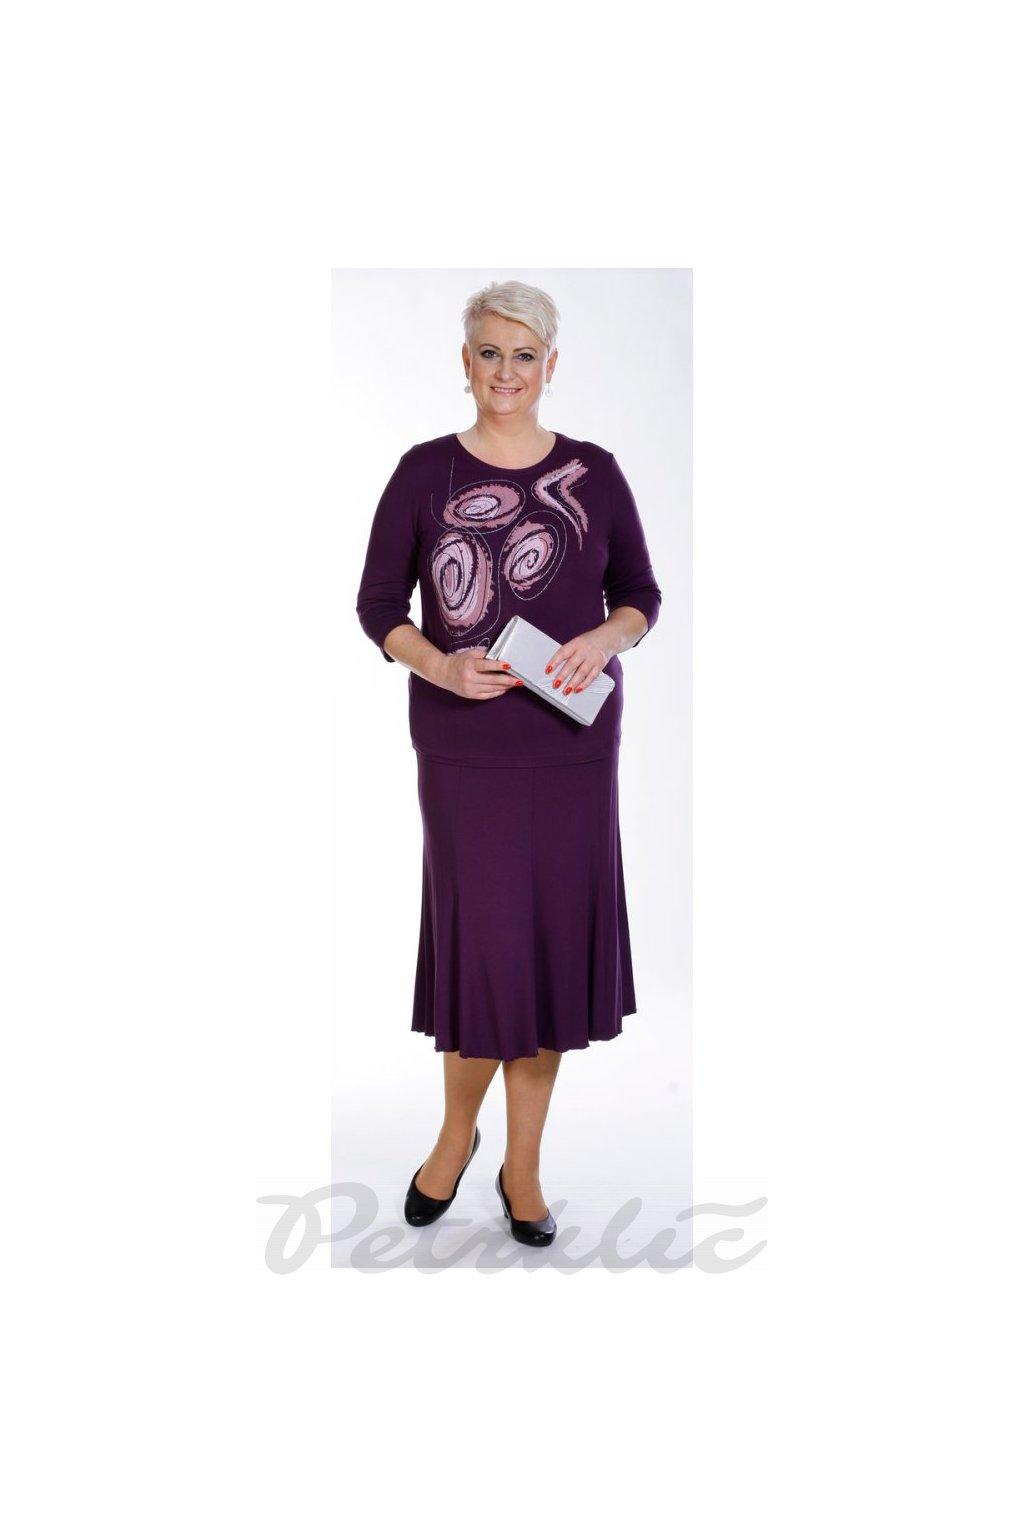 NOGA - dílová sukně 70 - 75 cm